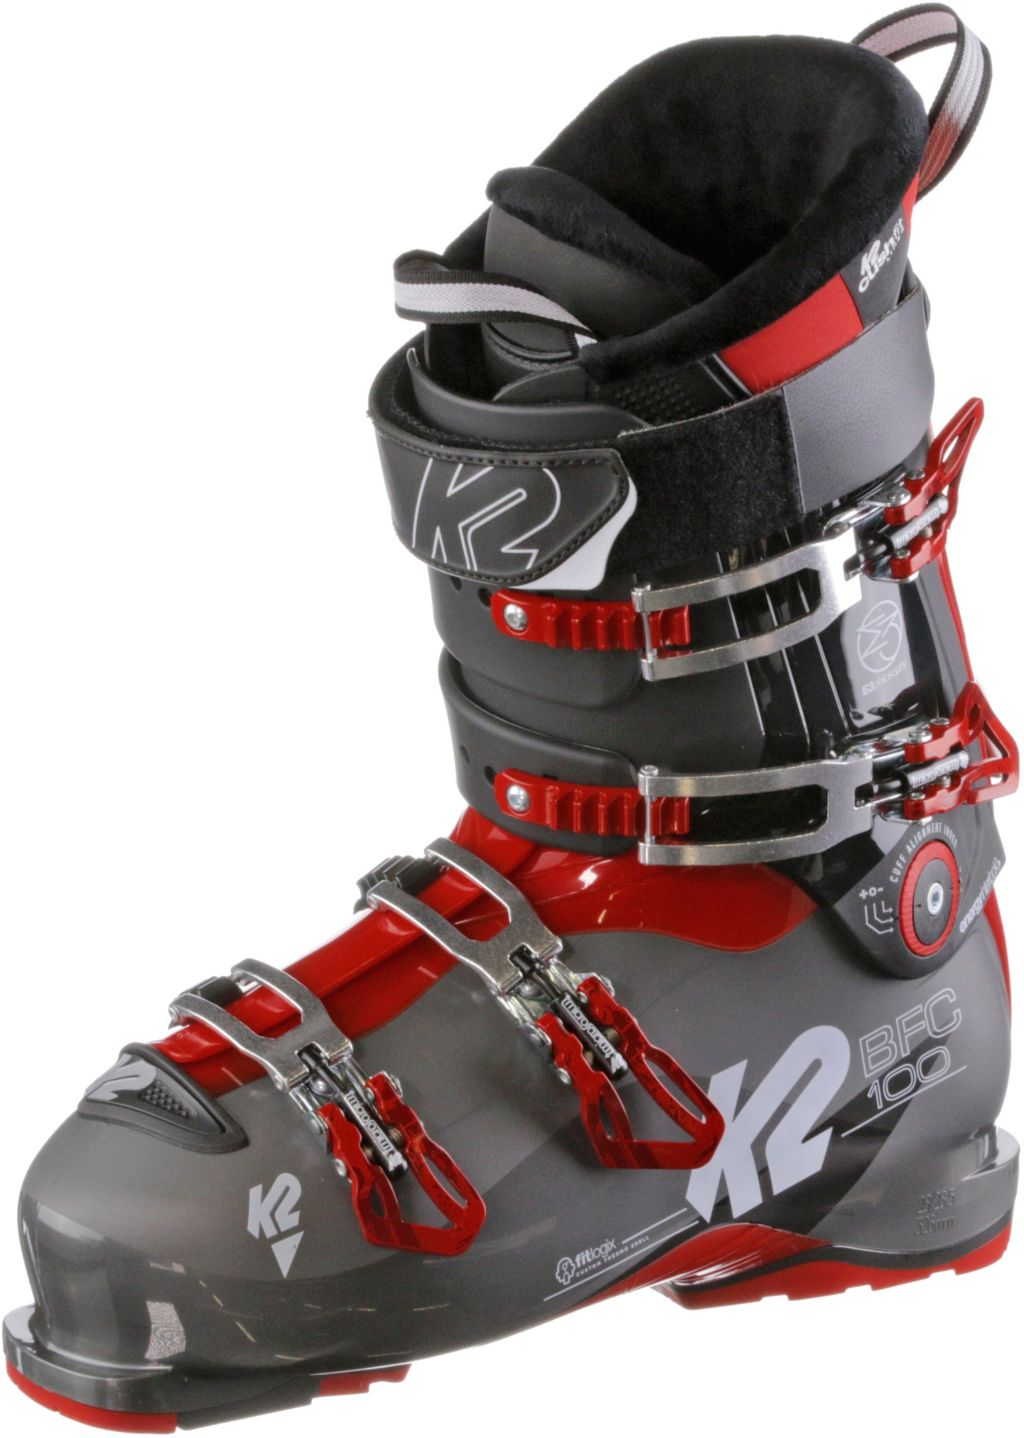 BFC Walk 100 HV Skischuhe Herren mehrfarbig, Größe 29 1/2